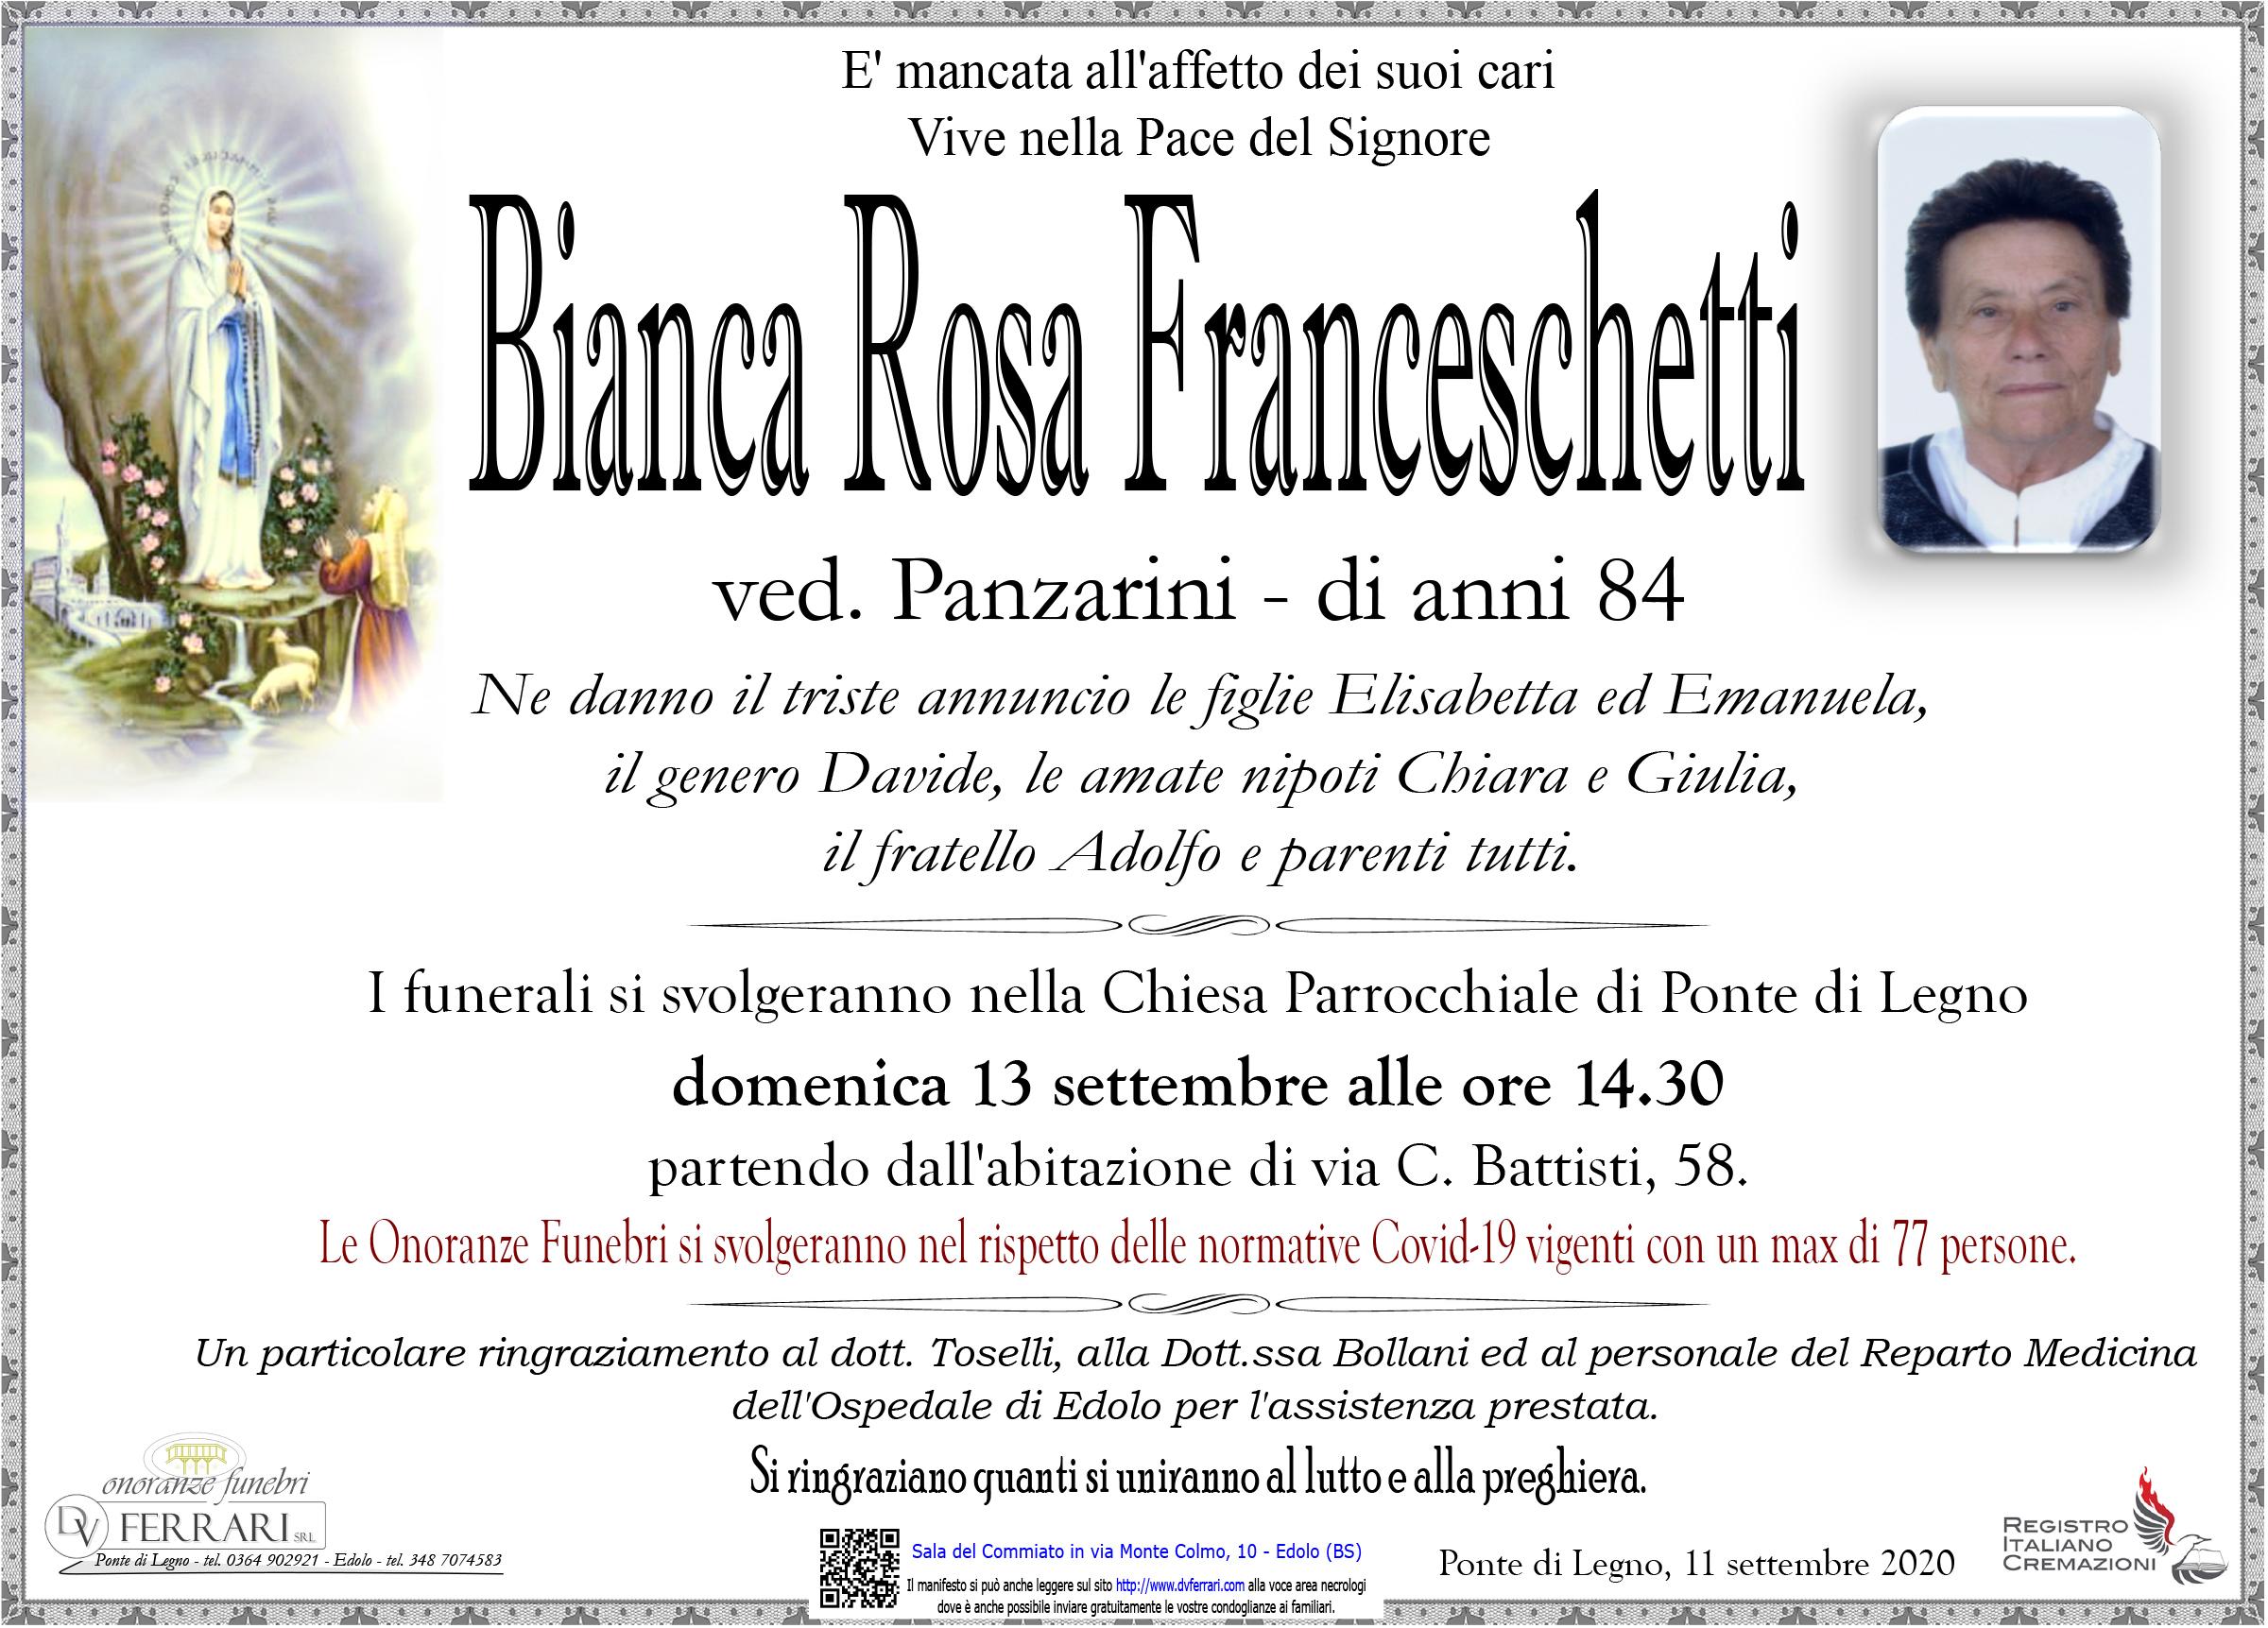 BIANCA ROSA FRANCESCHETTI VED. PANZARINI - PONTE DI LEGNO